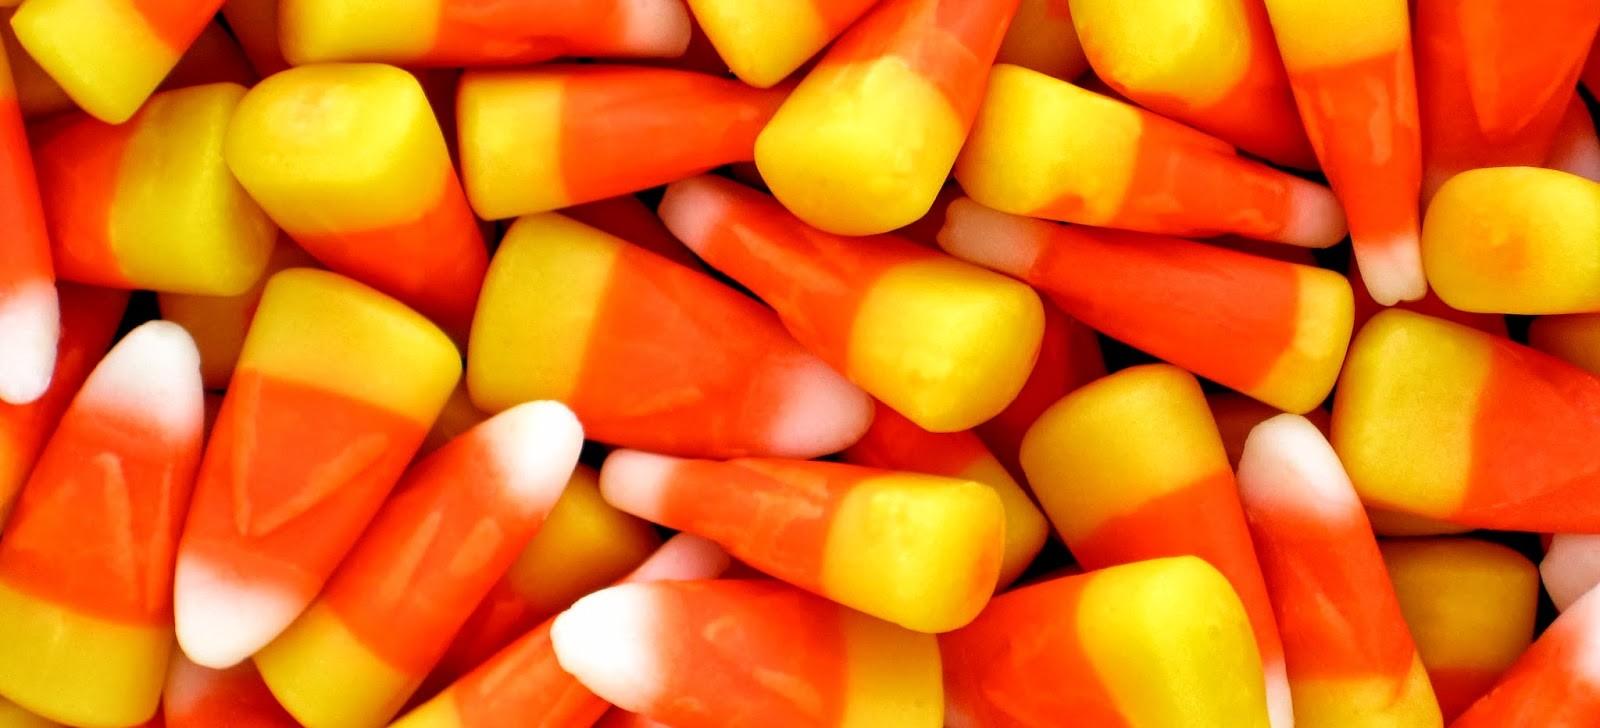 Candy-Corn-e1414608408249[1].jpg